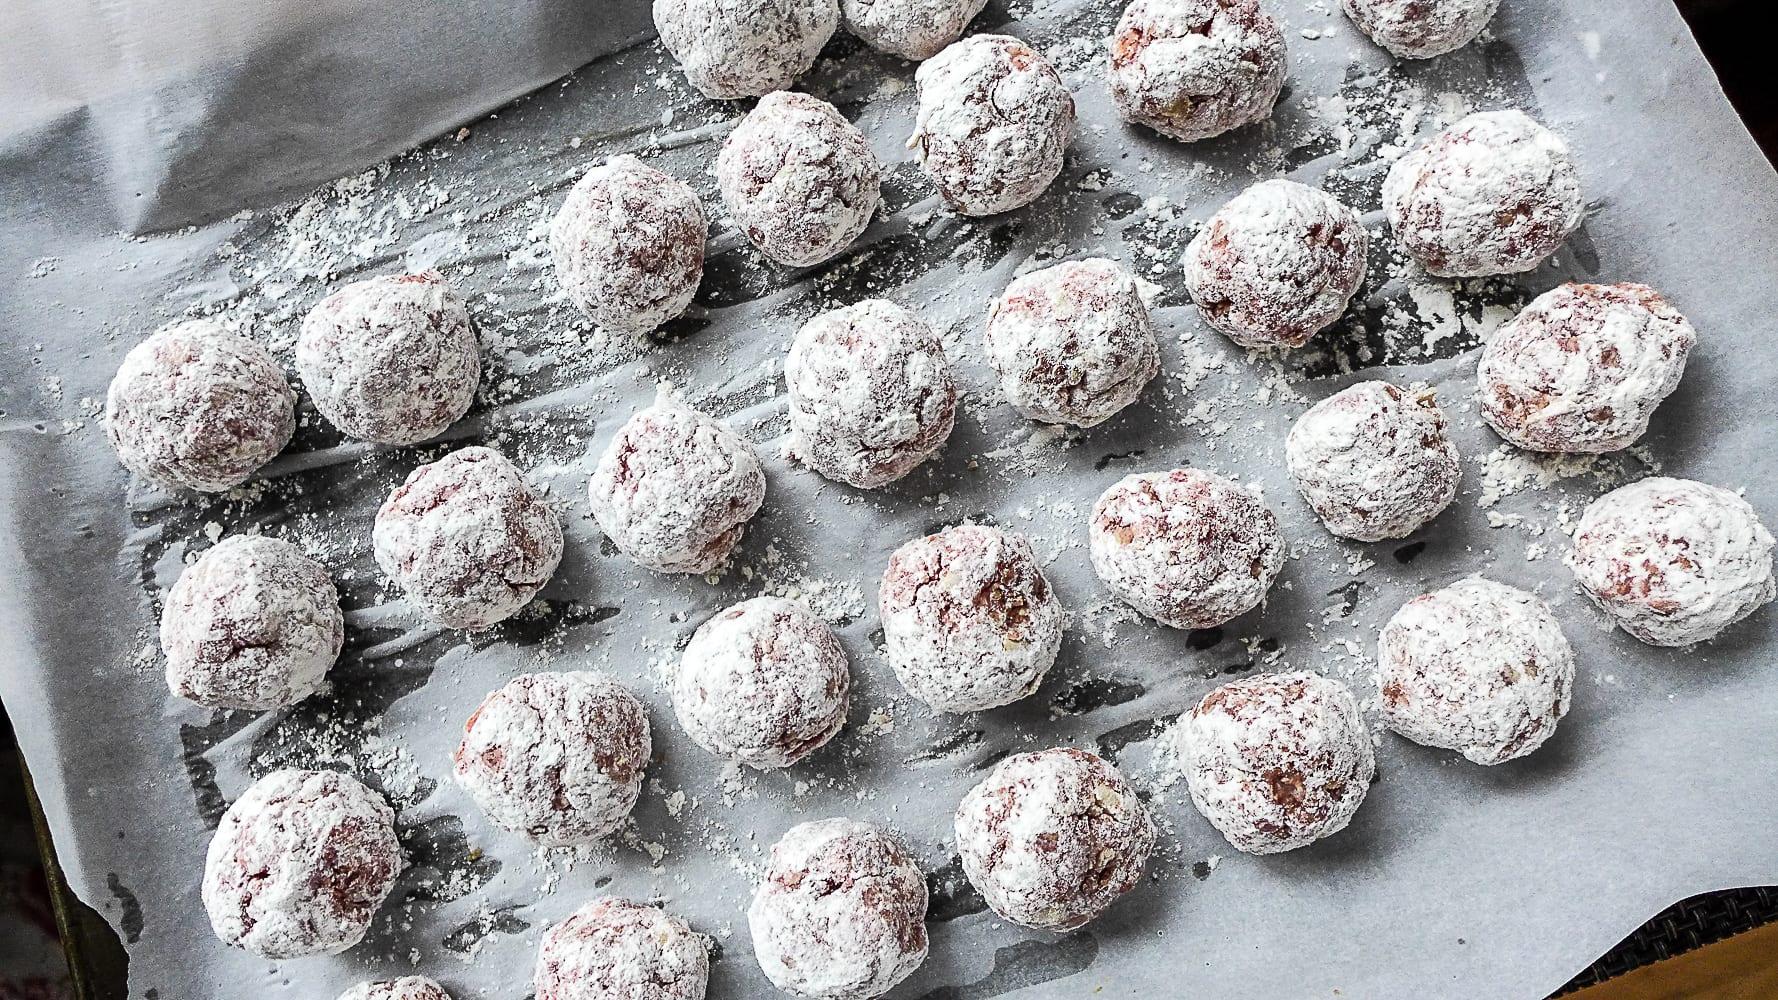 Meatballs, stroganoff, Beef Stroganoff, Russian, Meatballs